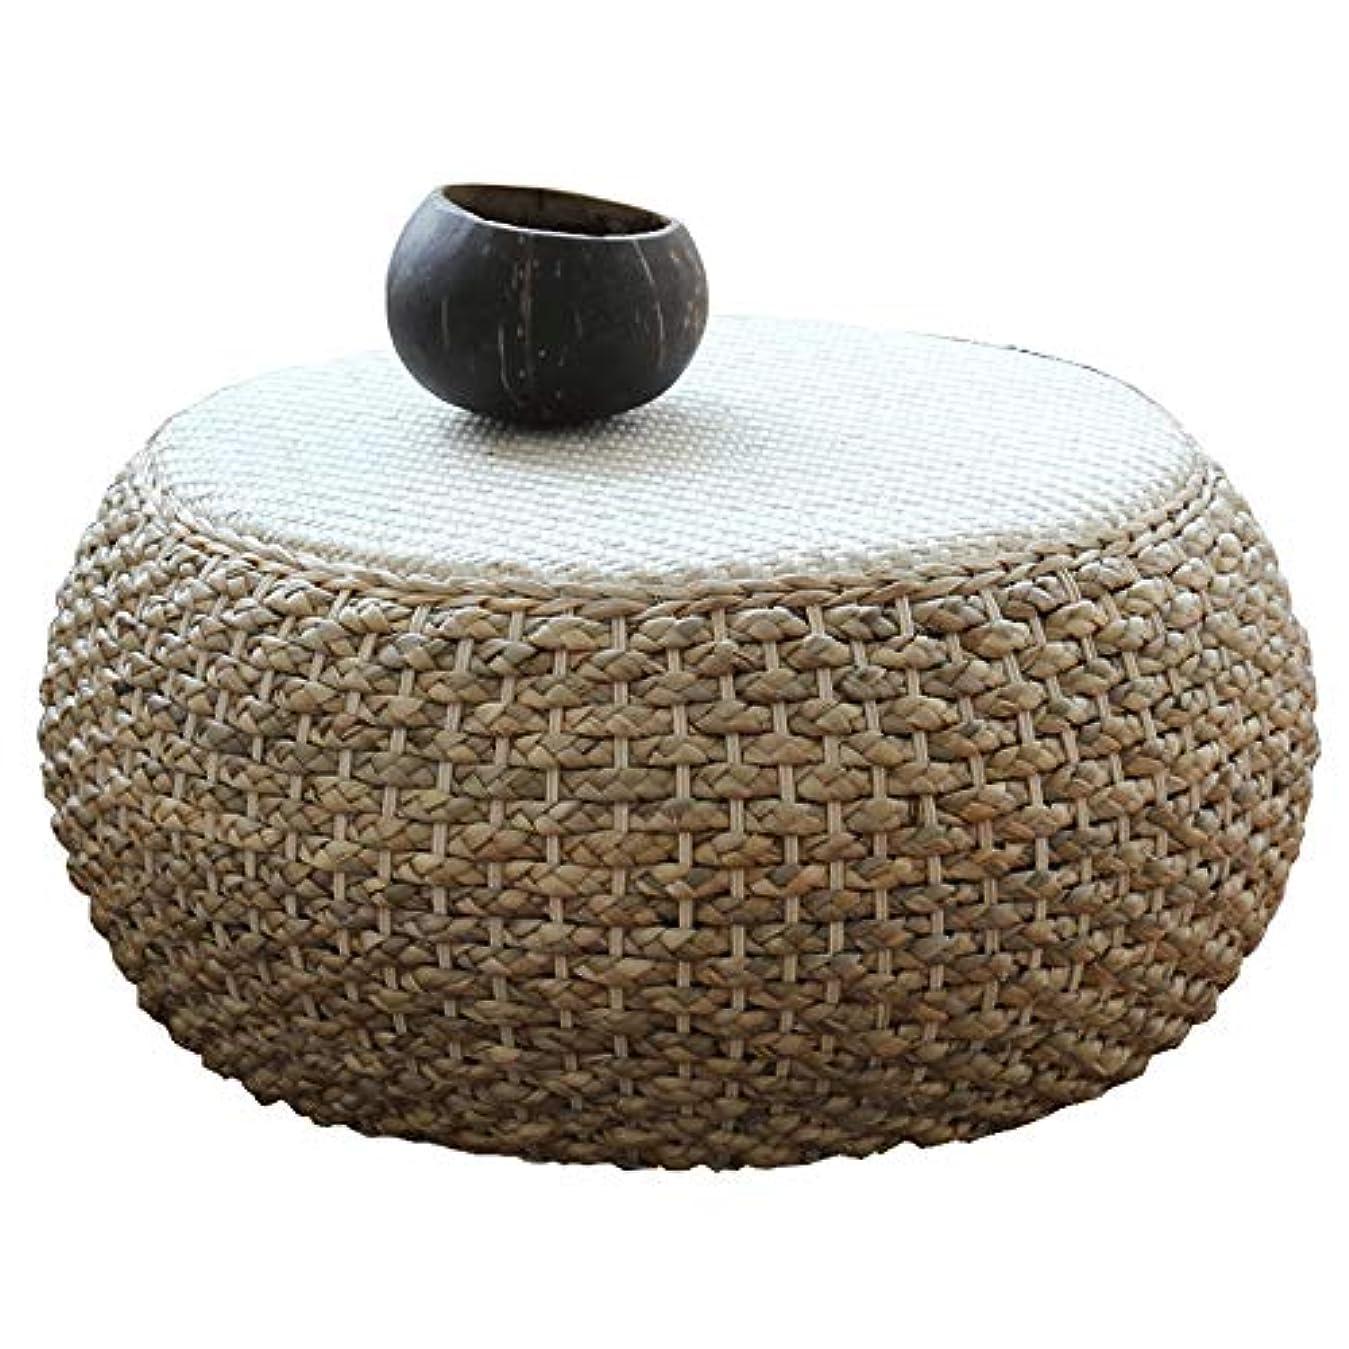 呼びかけるビンハンバーガー日本の籐ラウンド手作りコーヒーテーブル畳無垢材小さなつるティーテーブルウィッカーベイウィンドウローテーブル